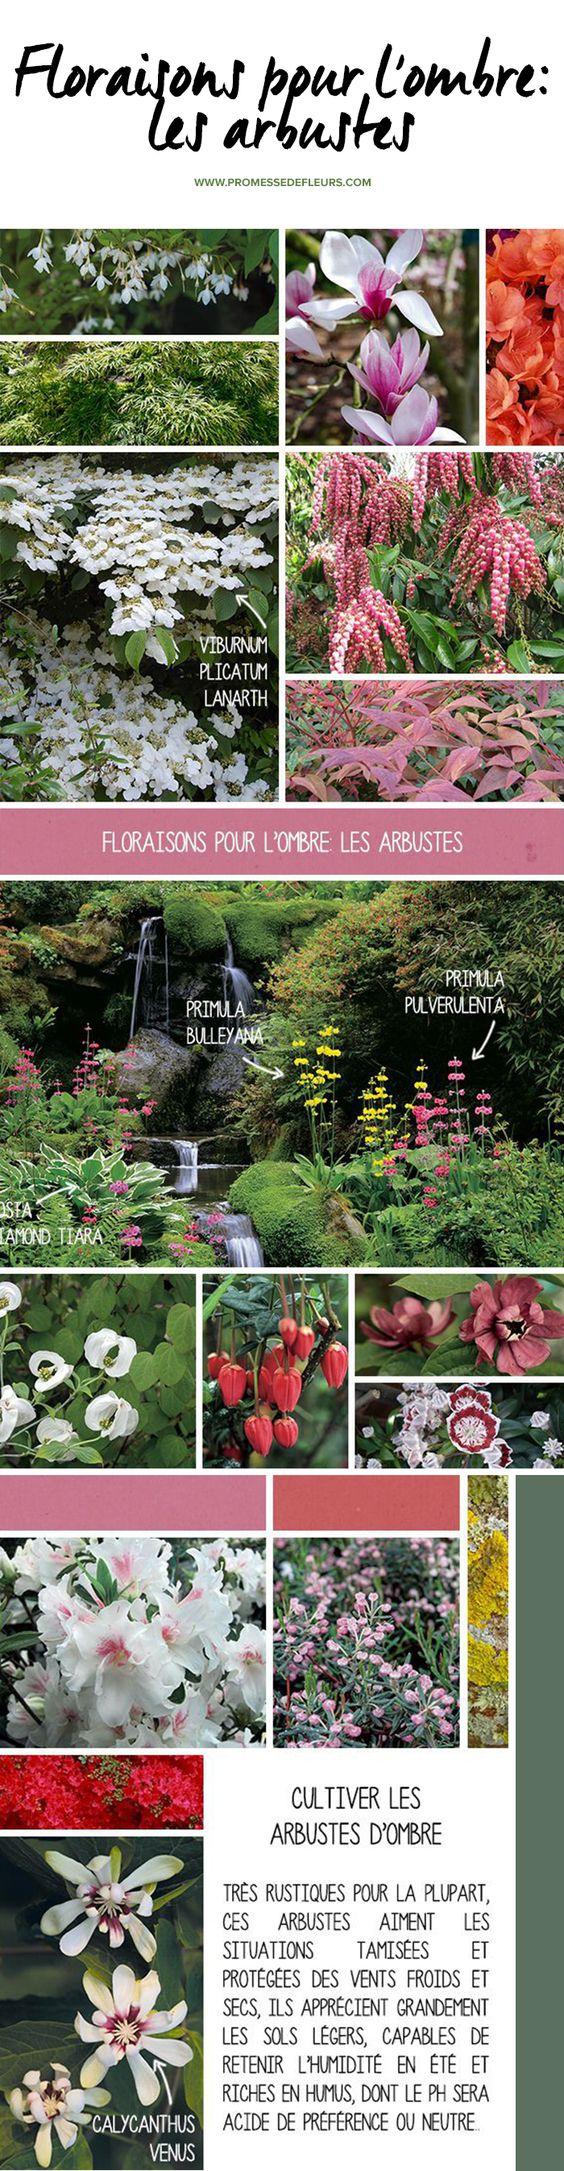 Floraisons pour l'ombre: les arbustes